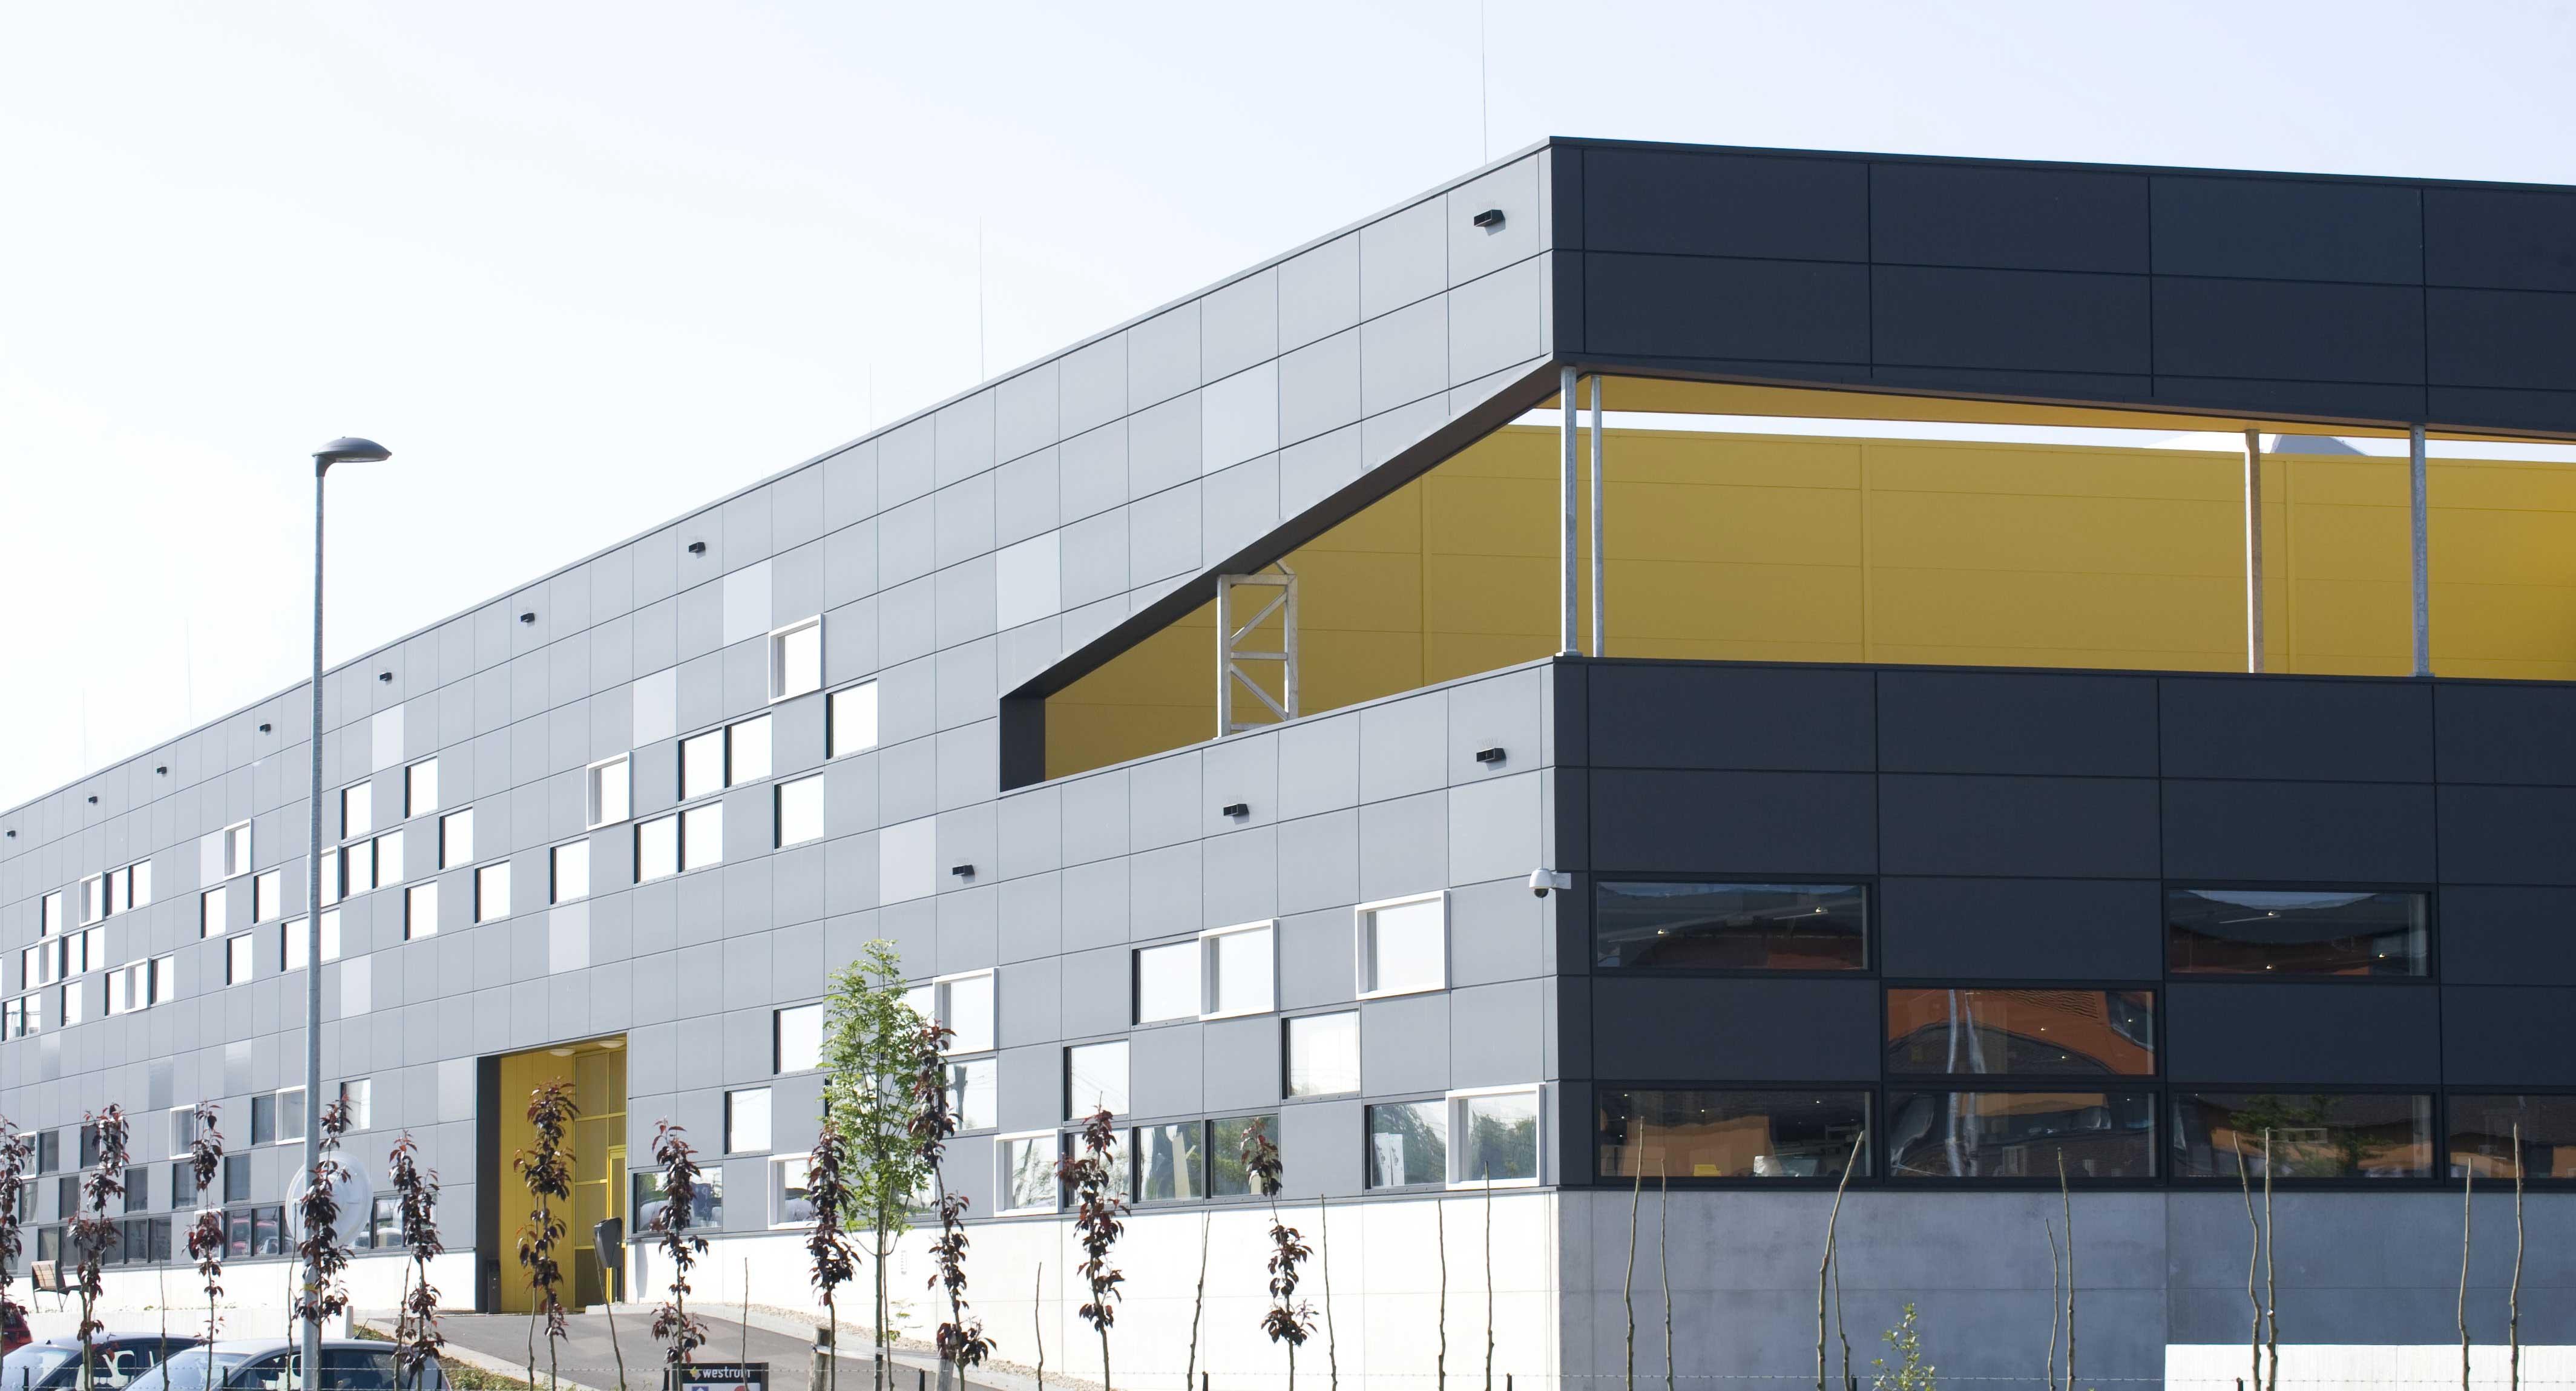 Commonwealth Arena Glasgow